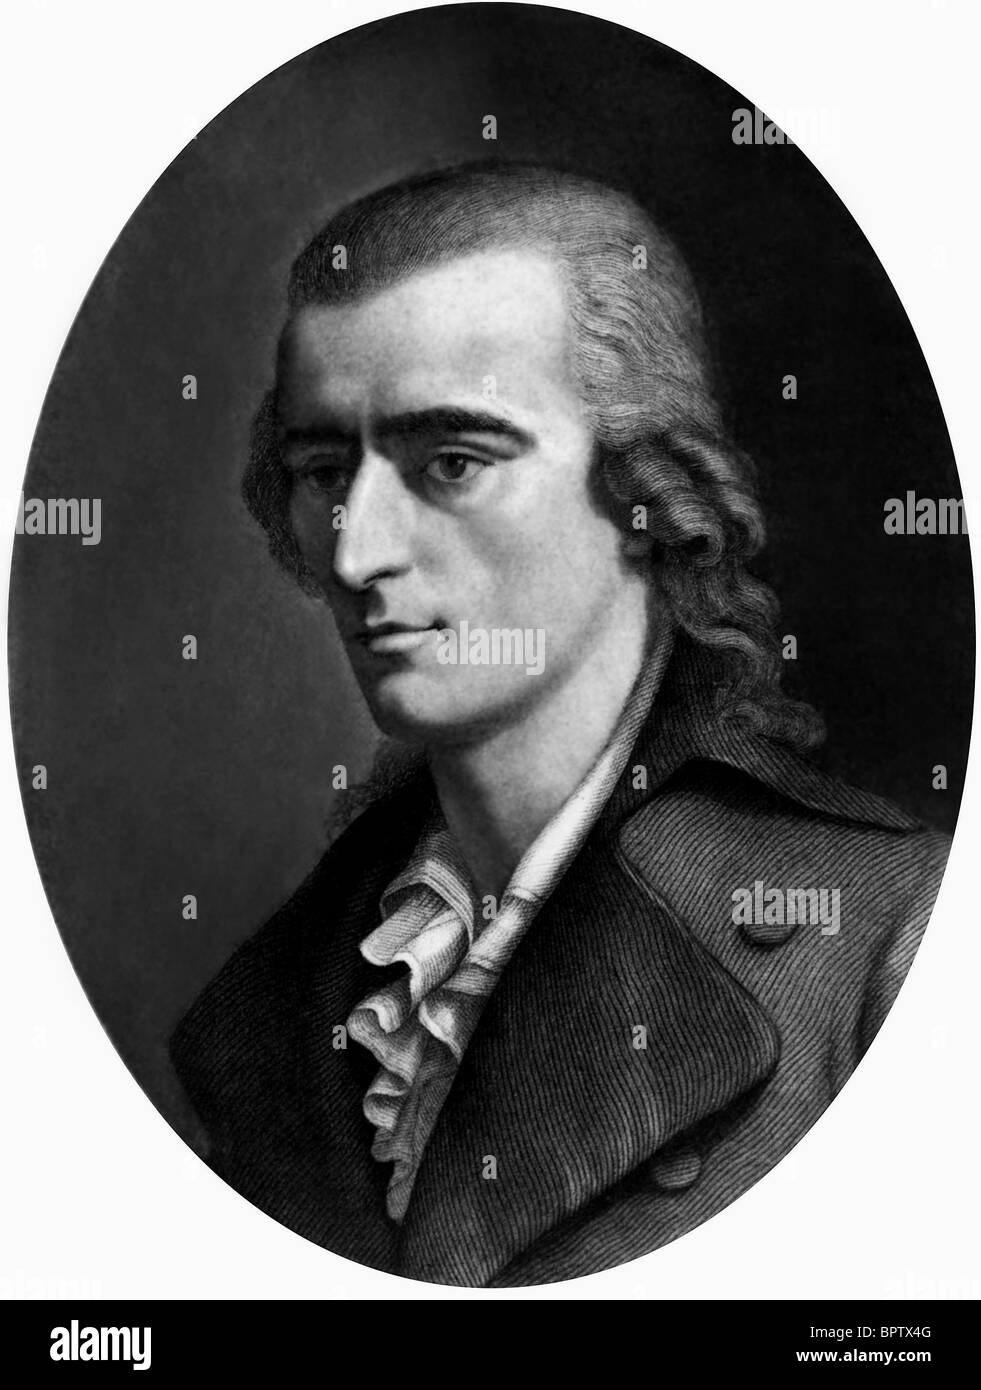 FRIEDRICH VON SCHILLER WRITER AUTHOR (1759) - Stock Image